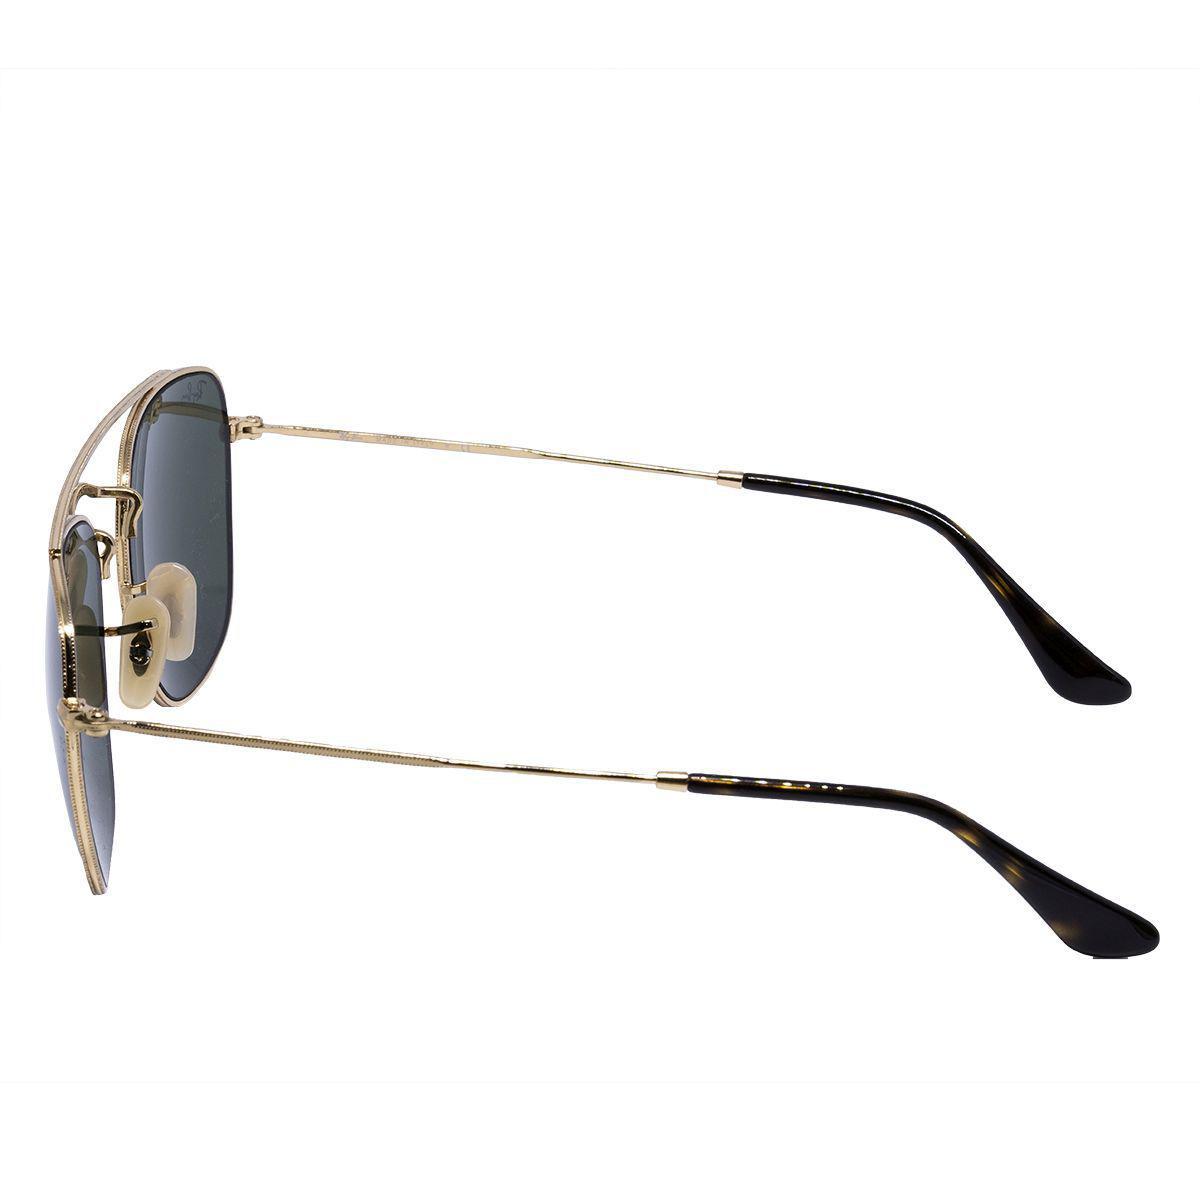 ebc119e798245 Óculos de Sol Ray Ban Gold RB3557 R  506,00 à vista. Adicionar à sacola